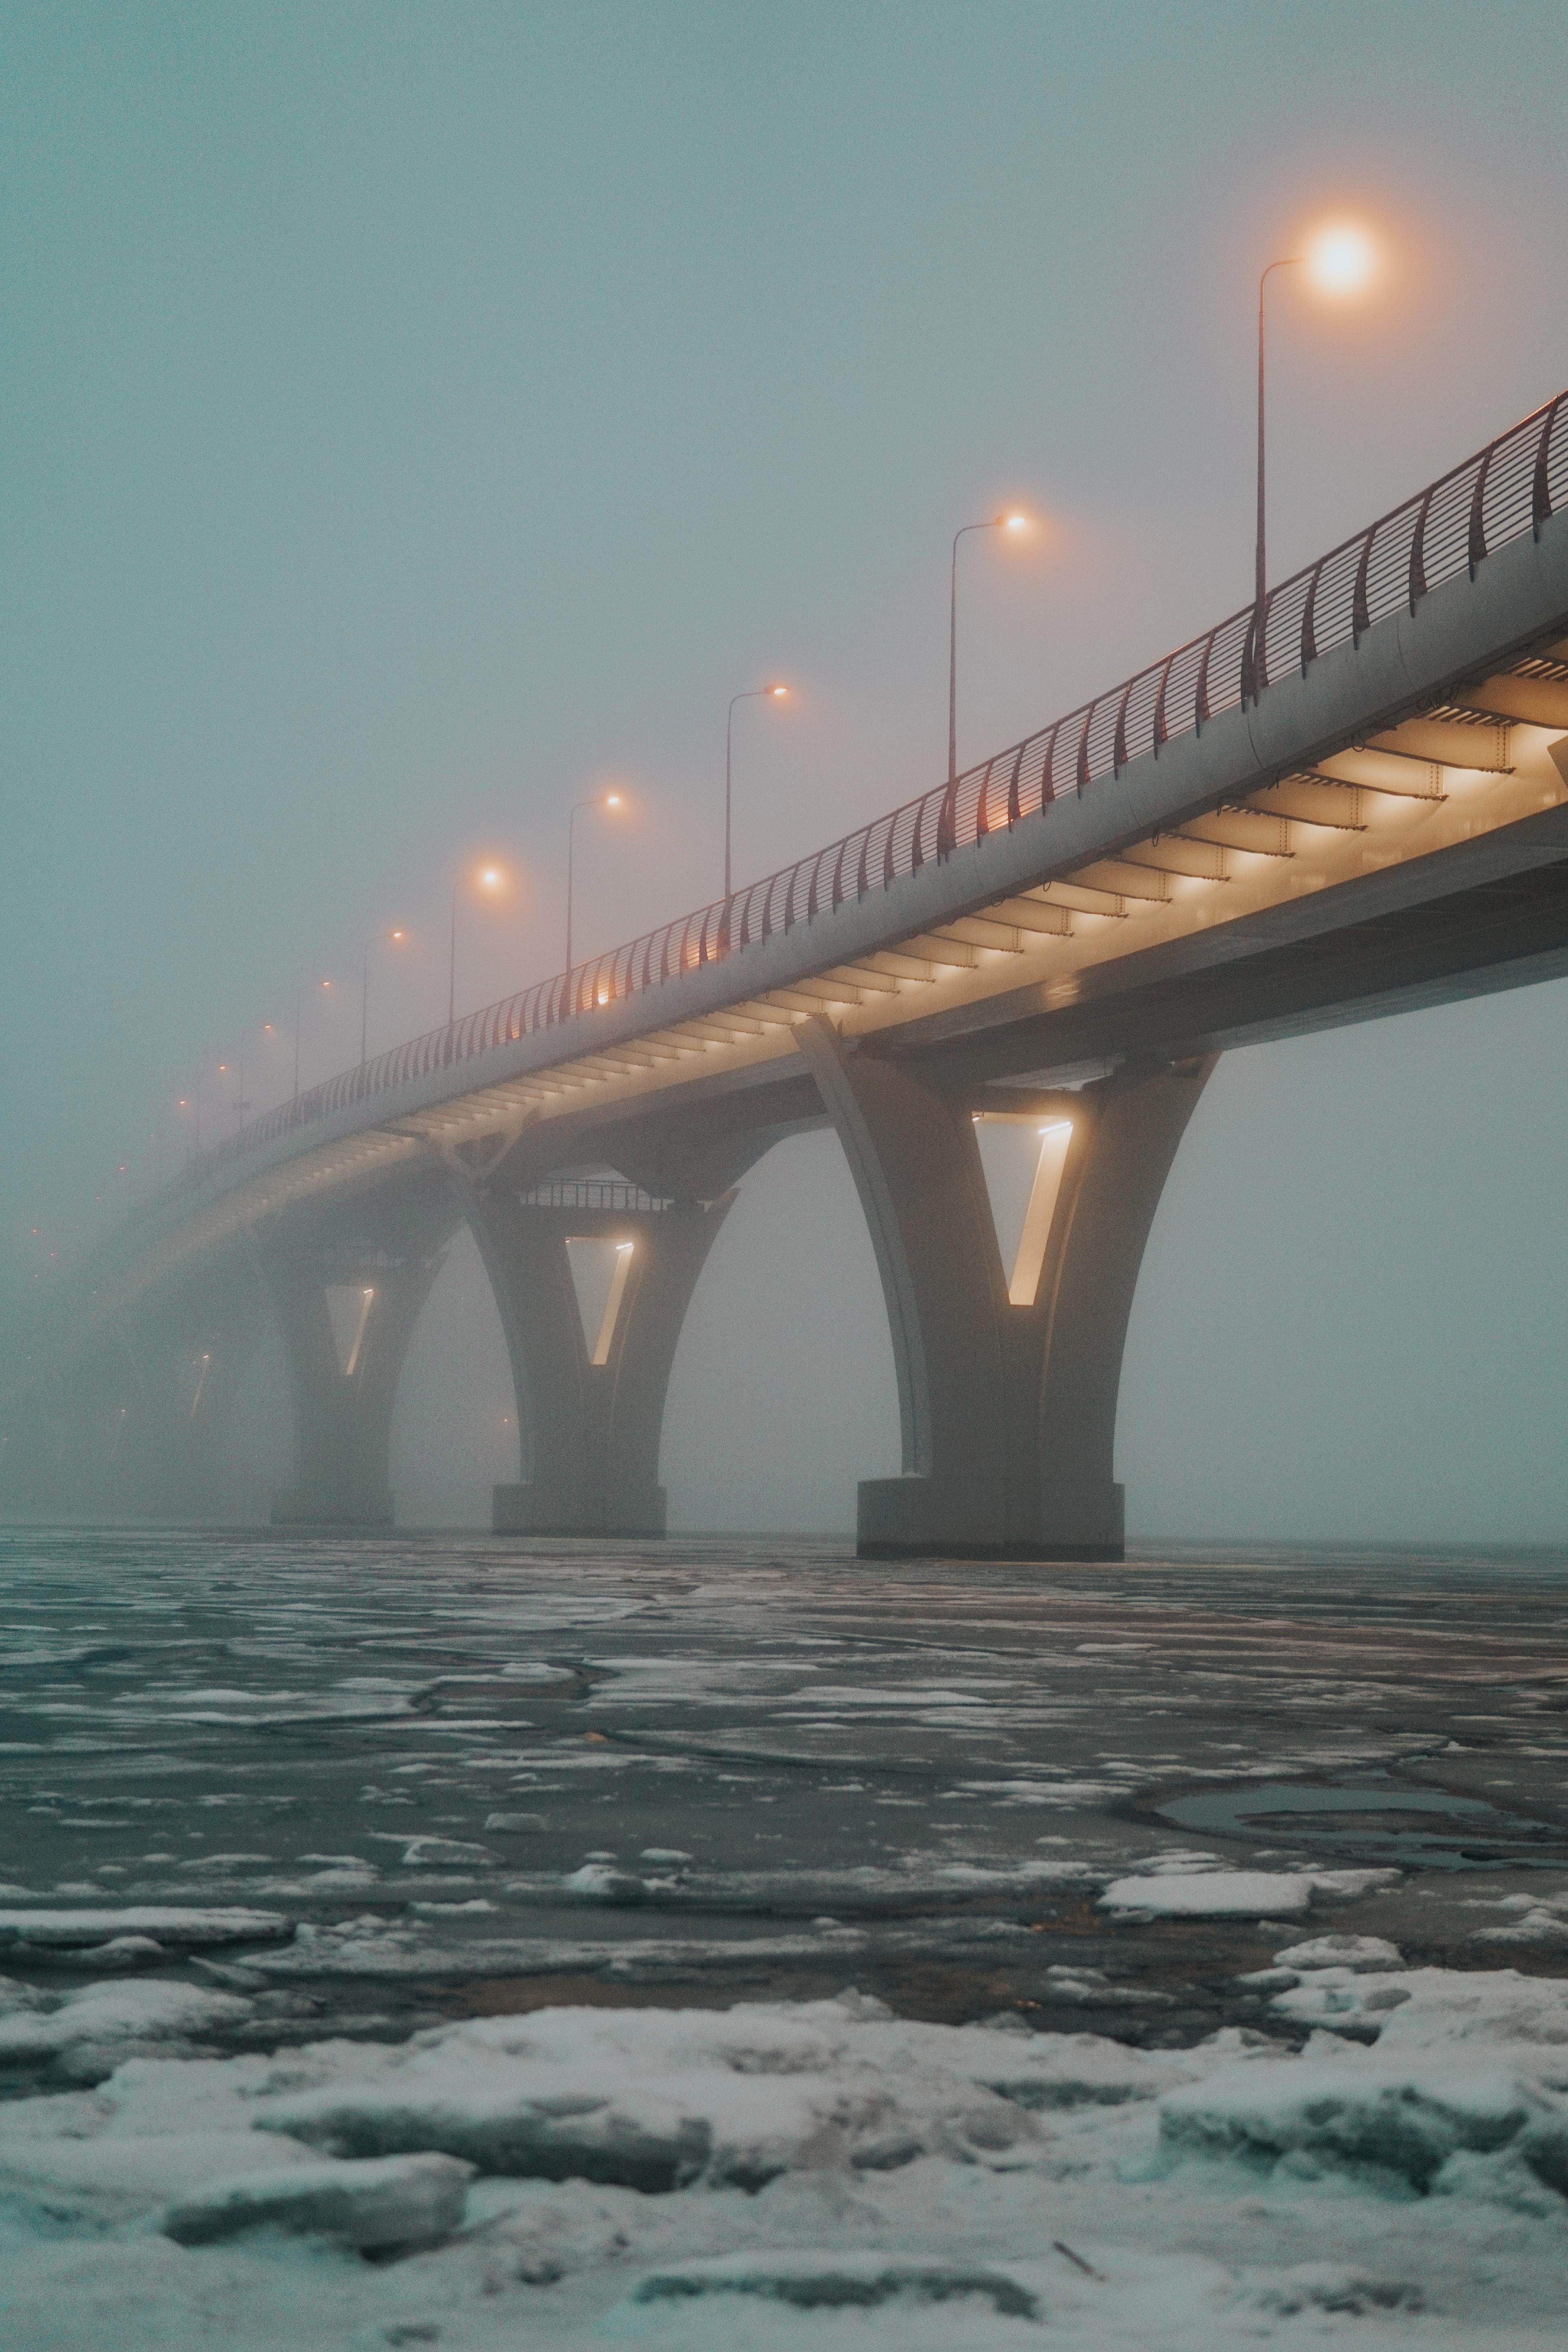 145872 Заставки и Обои Лед на телефон. Скачать Лед, Огни, Разное, Туман, Мост, Трещины картинки бесплатно